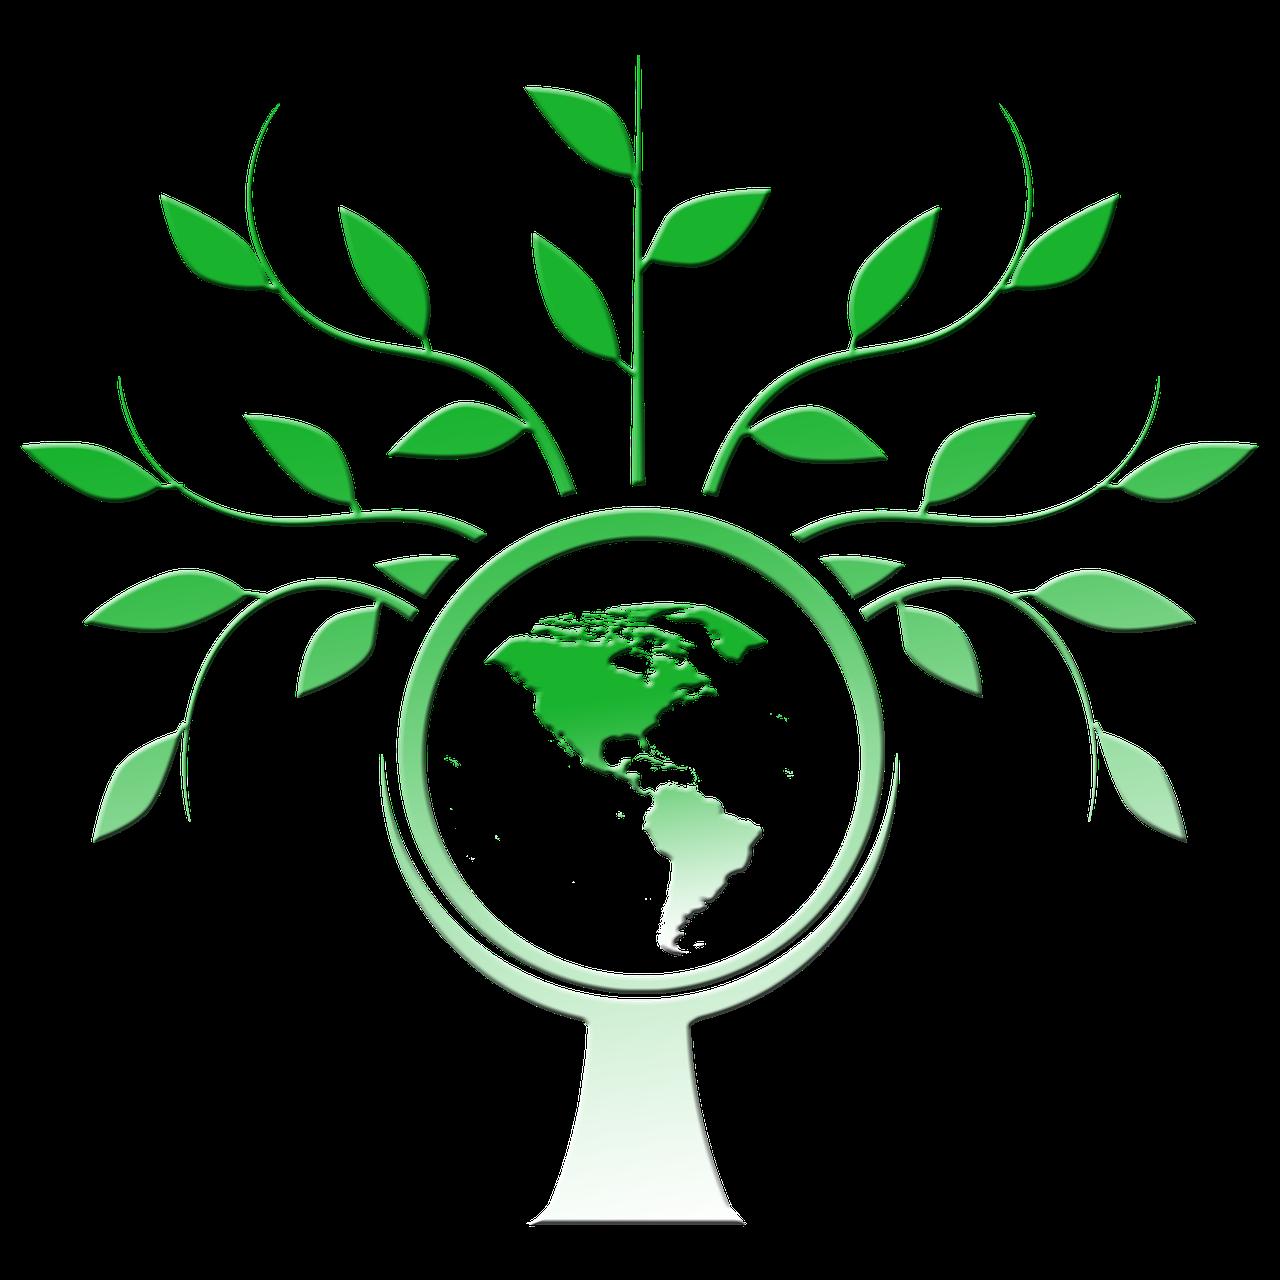 Baum umrandet Erde